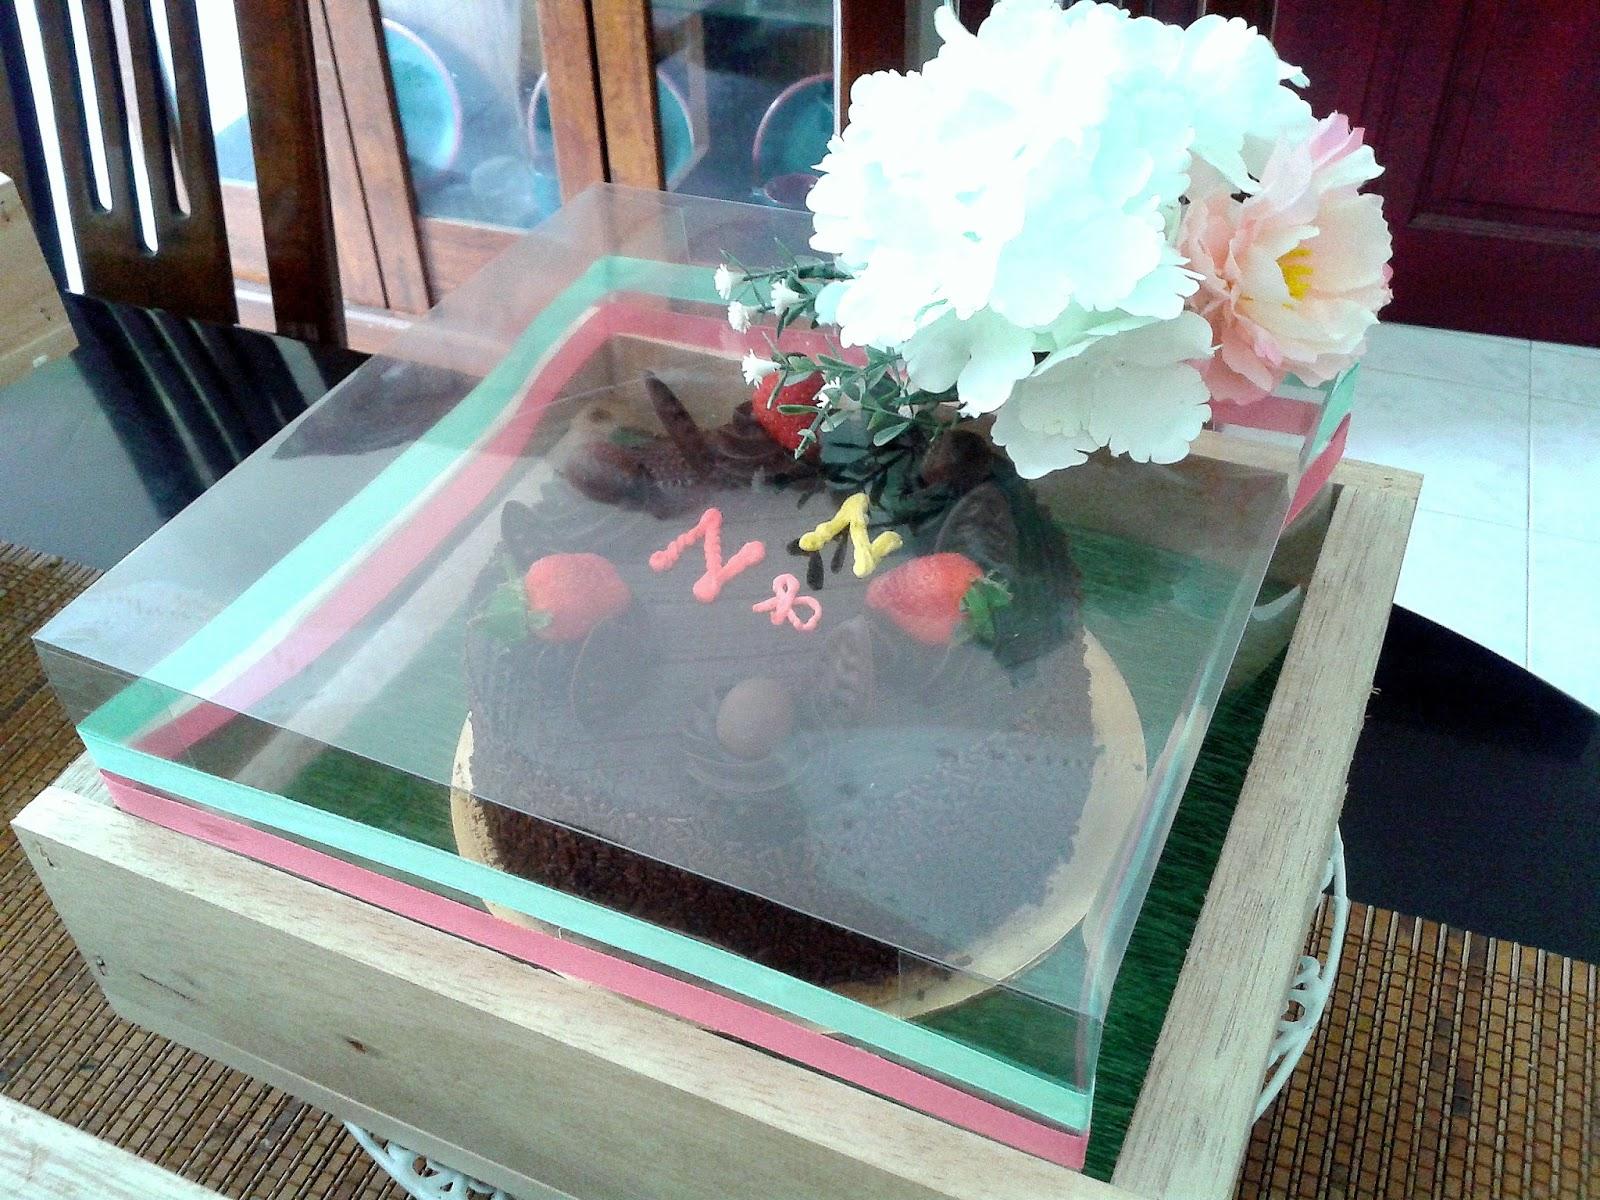 Hantaran kelima ni tragis sikit... kek besar tak muat nak letak atas kotak  hantaran tu be87101c46